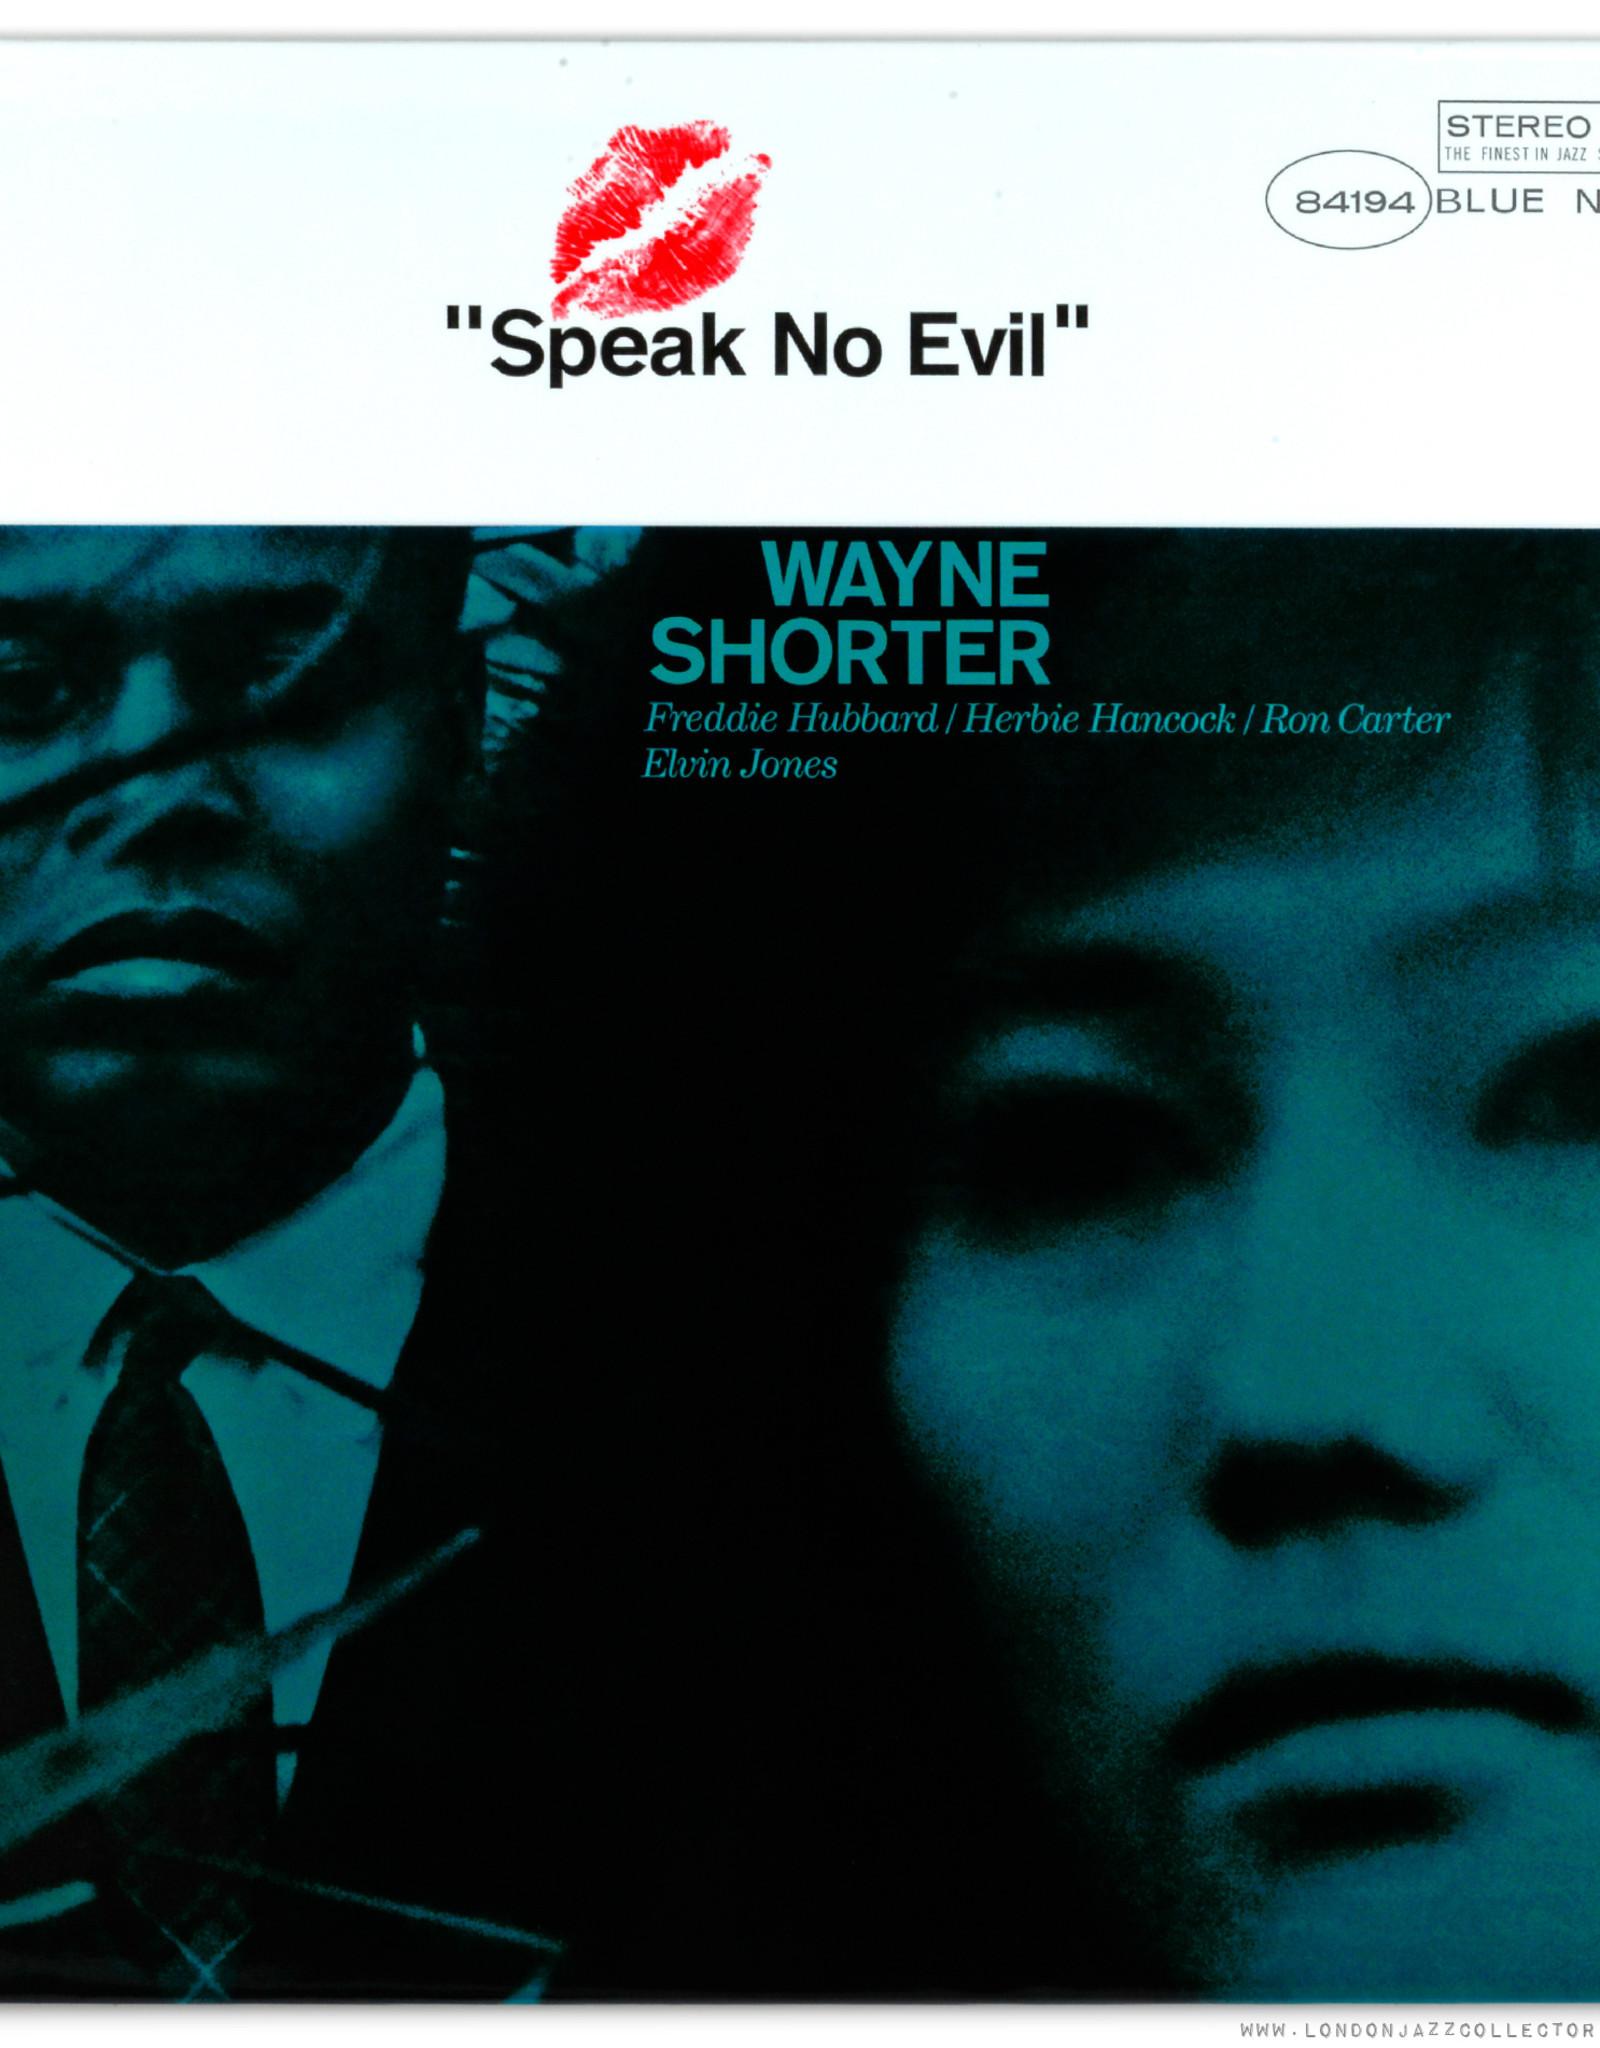 Wayne Shorter - Speak No Evil (Analog Master)